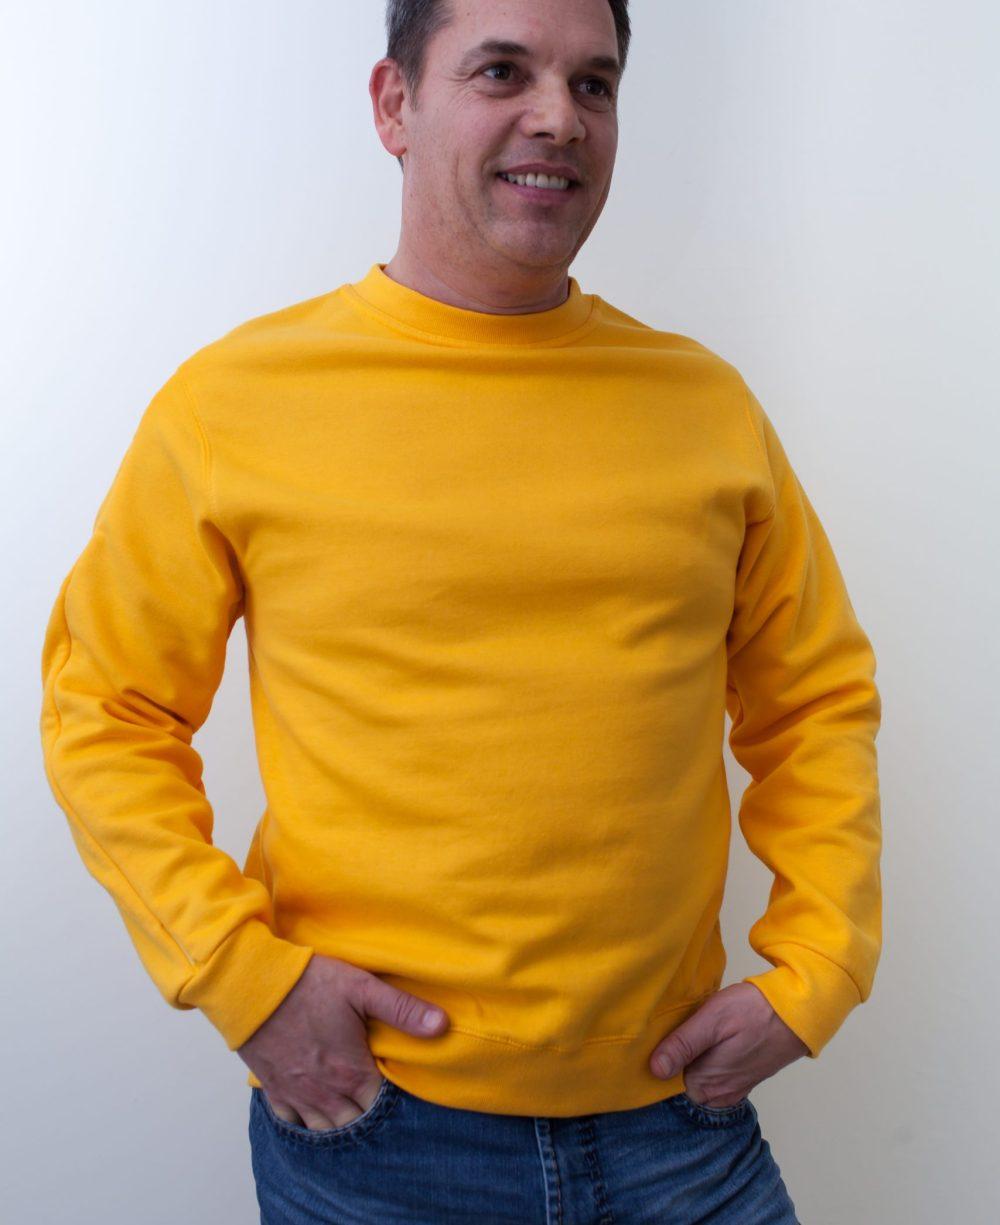 gelb-Herren-Rollkragenshirt-für-Dialysepatienten-mit-individuellem-Reißverschluss-Diazipp-Dialyse-bekleidung